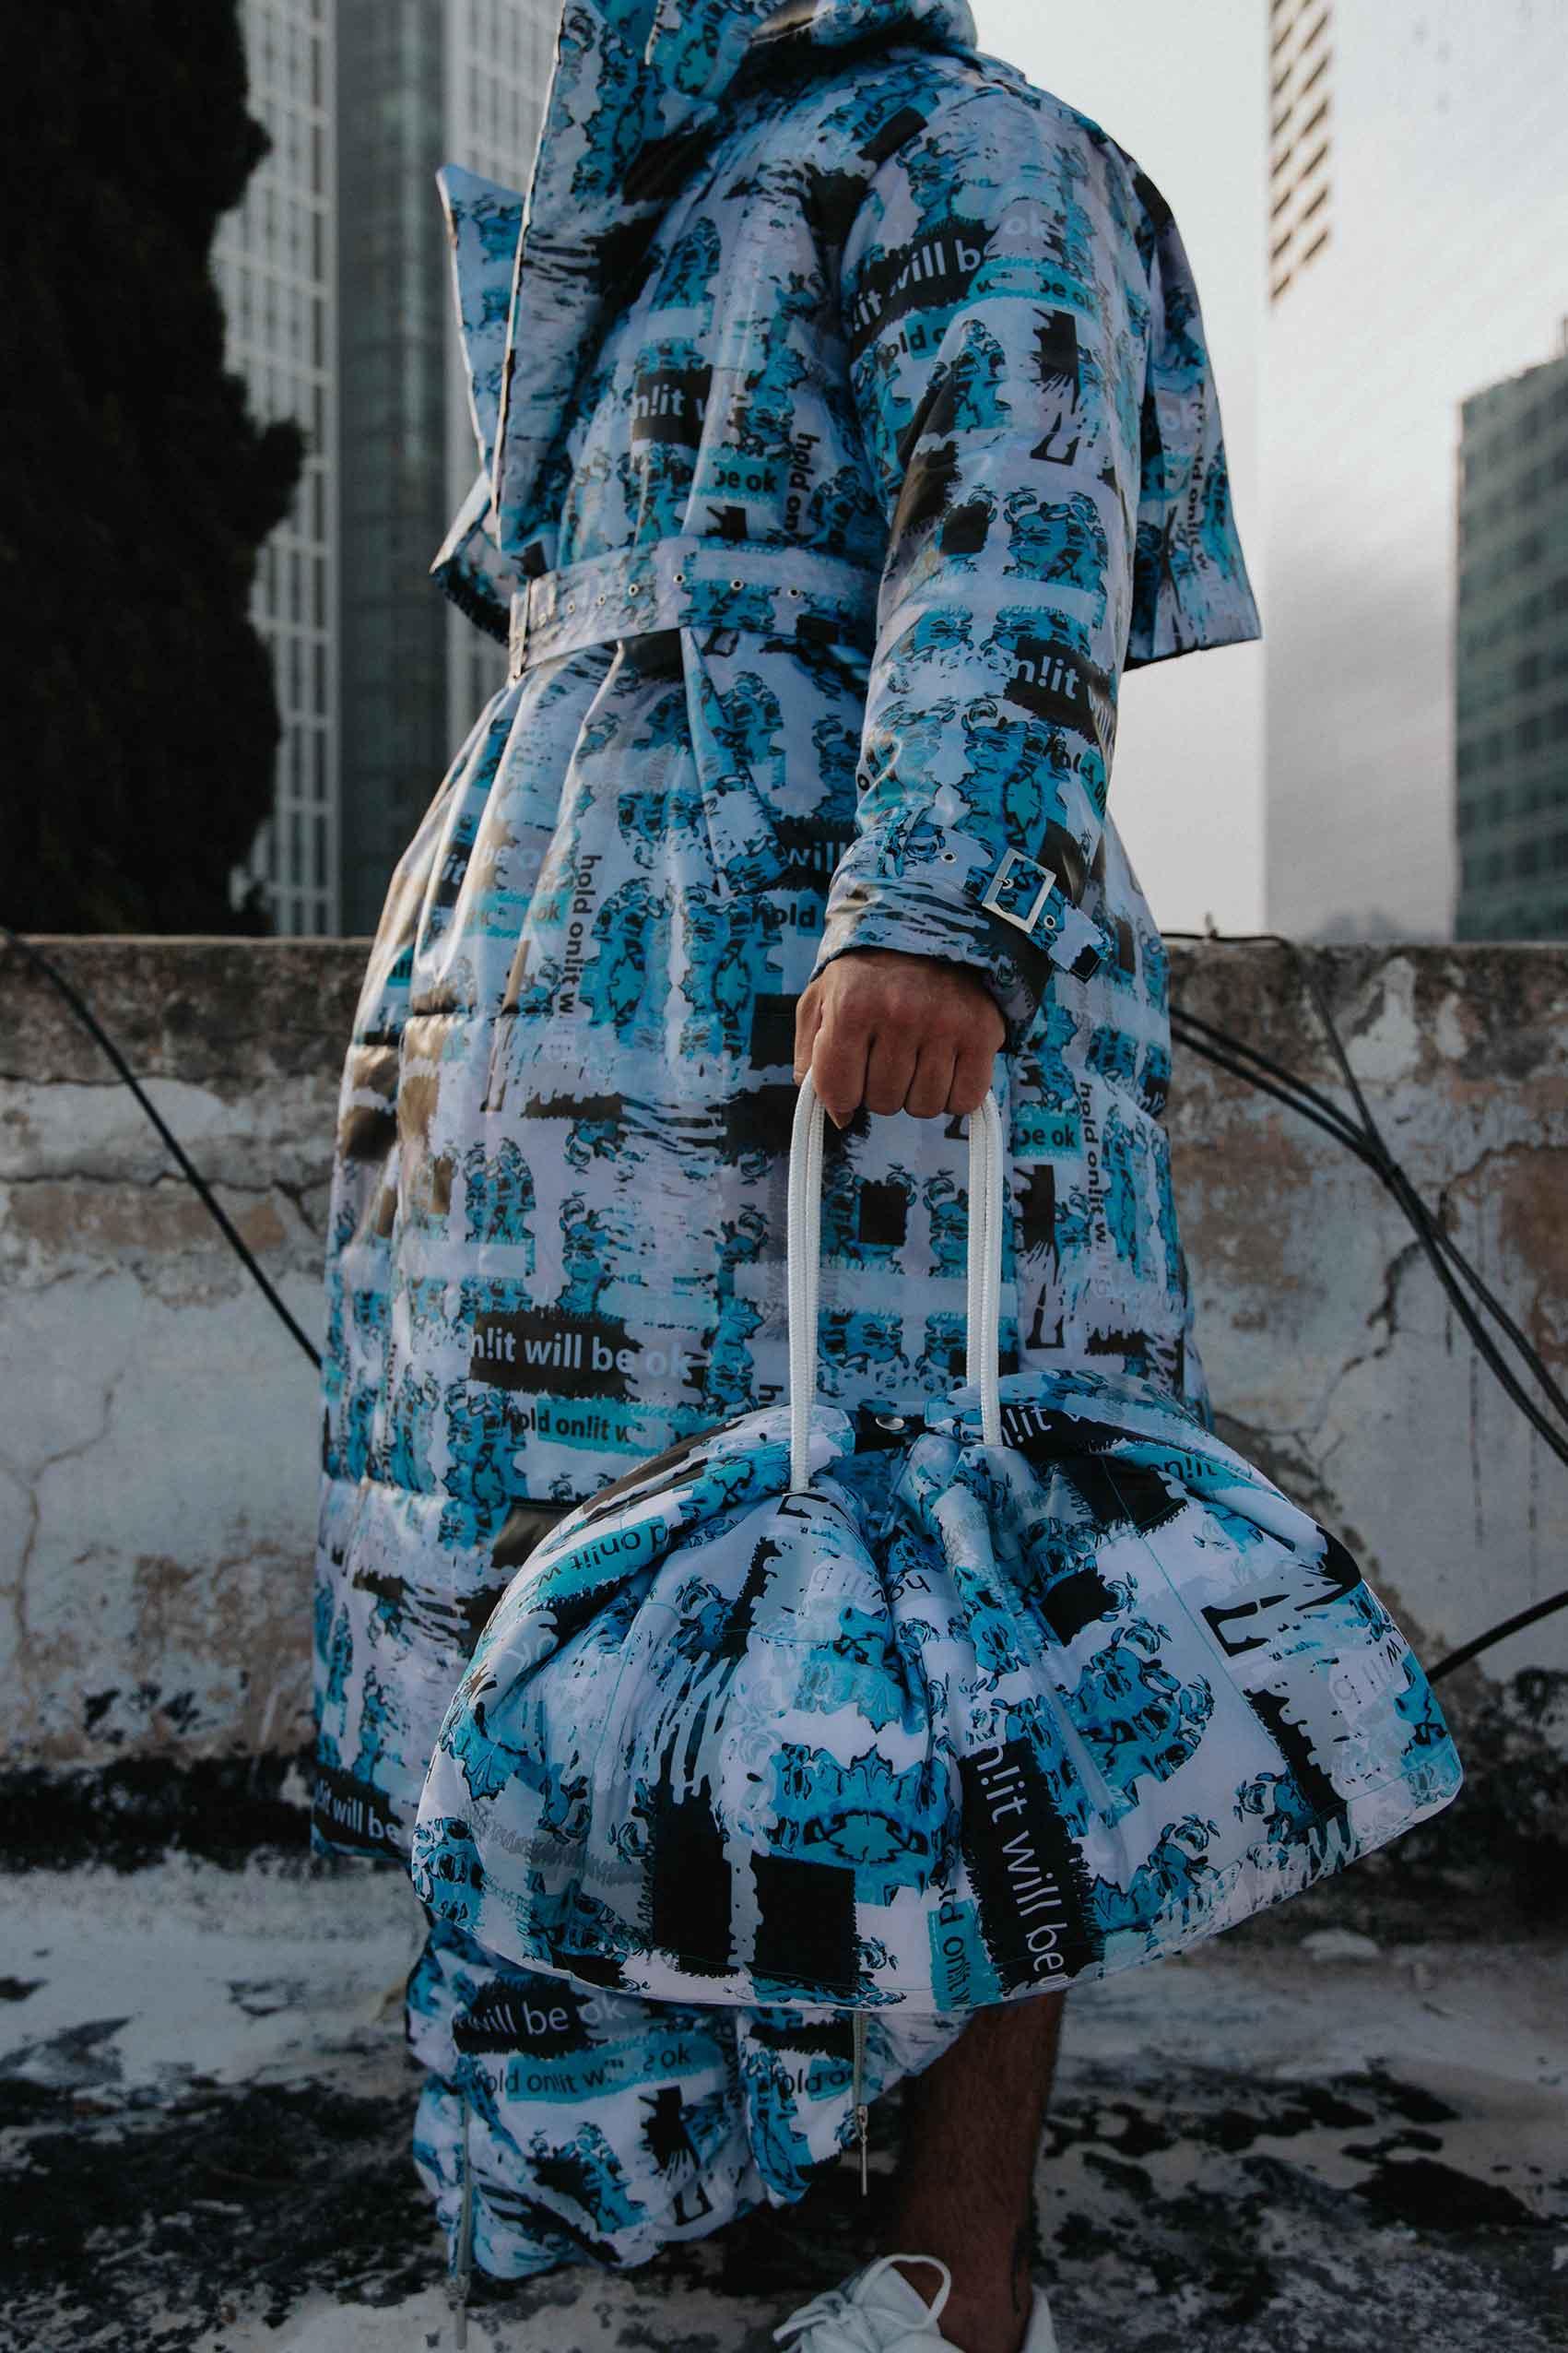 אופנה-טרנדים-יהונתן-שלמה-פישר-בצלאל-מגזין-אופנה-אופנת-גברים-חדשות-האופנה